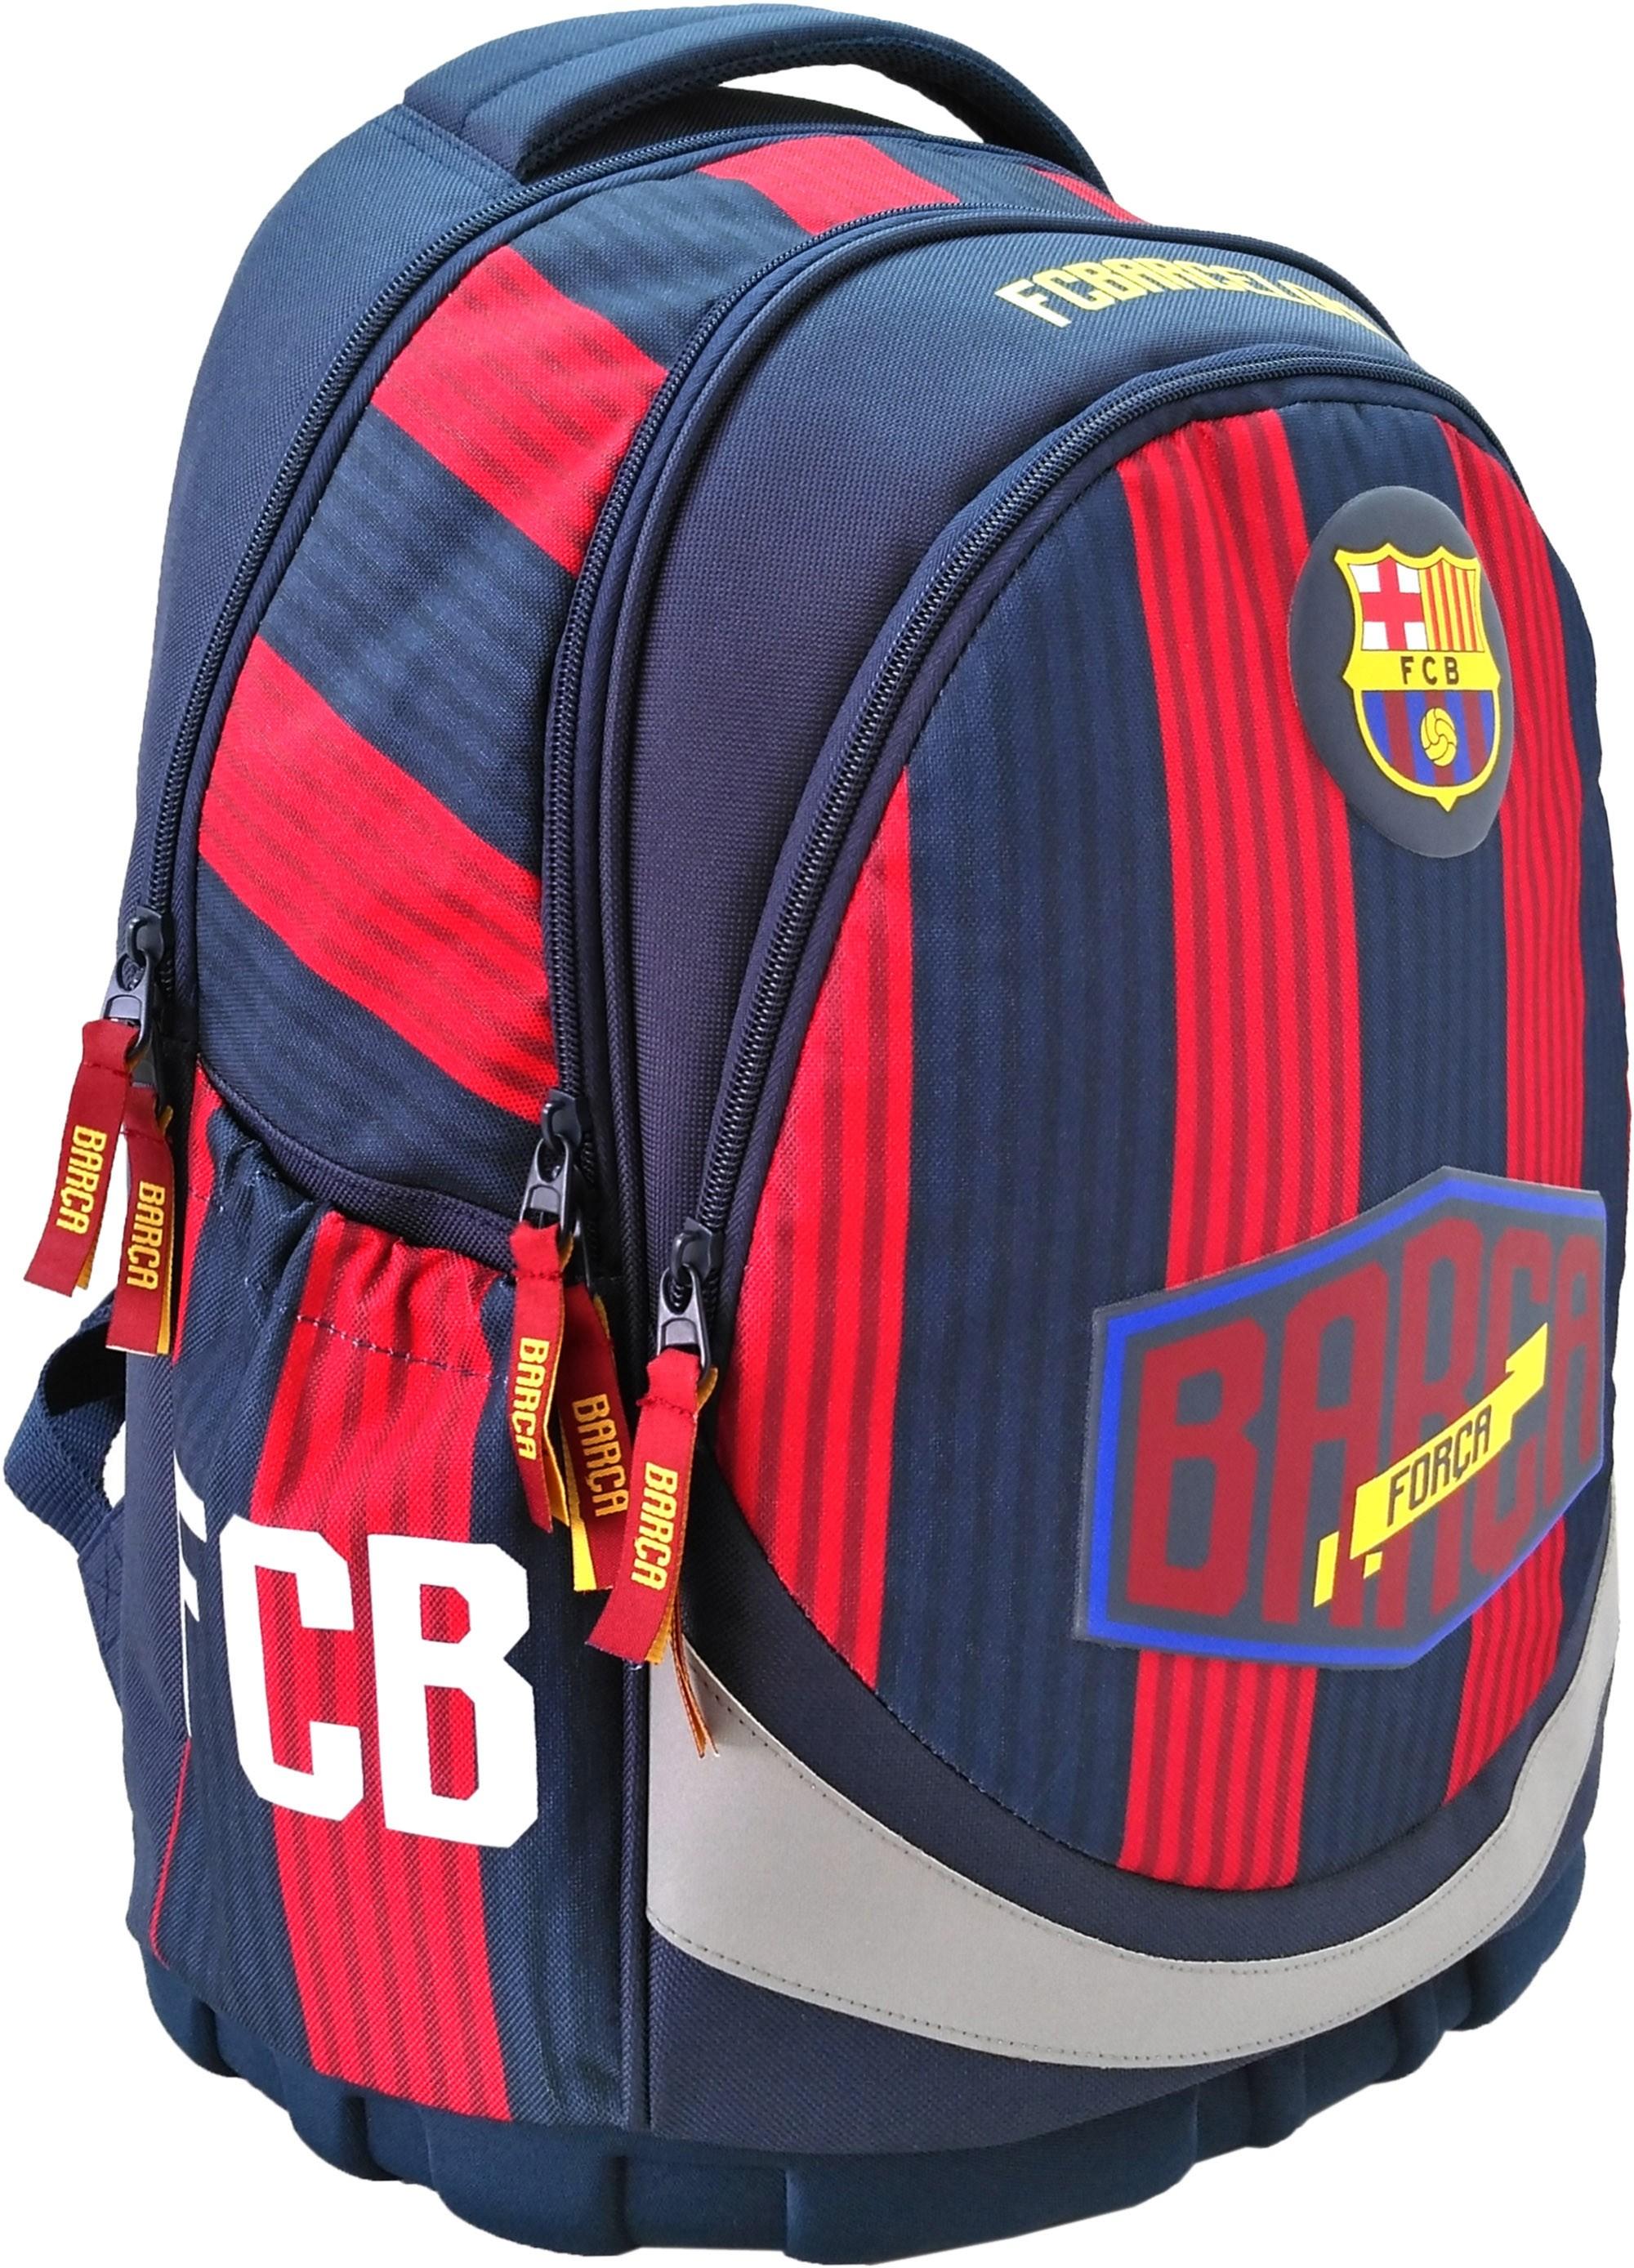 7c9ee7c4090cc Plecak FC Barcelona ergonomiczny do klas 1-4 dla chłopaka